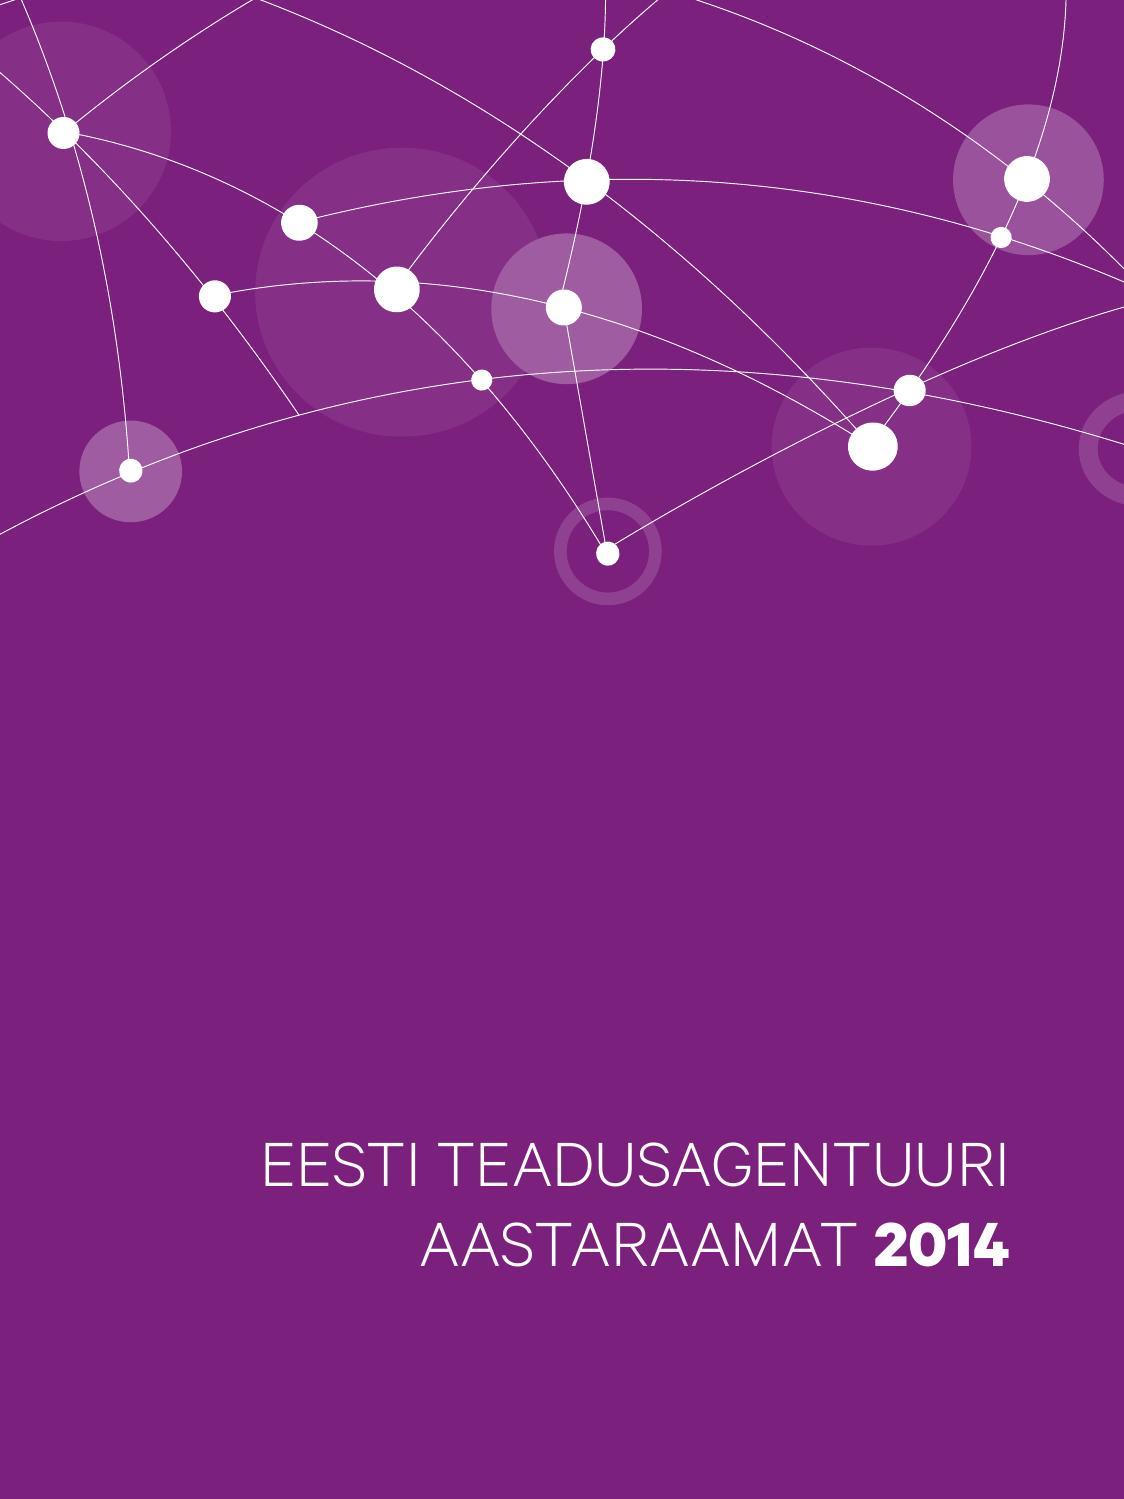 Euroopa suurima teadusprogrammi Eesti avakonverentsil arutati teaduskoostöö tähtsuse üle